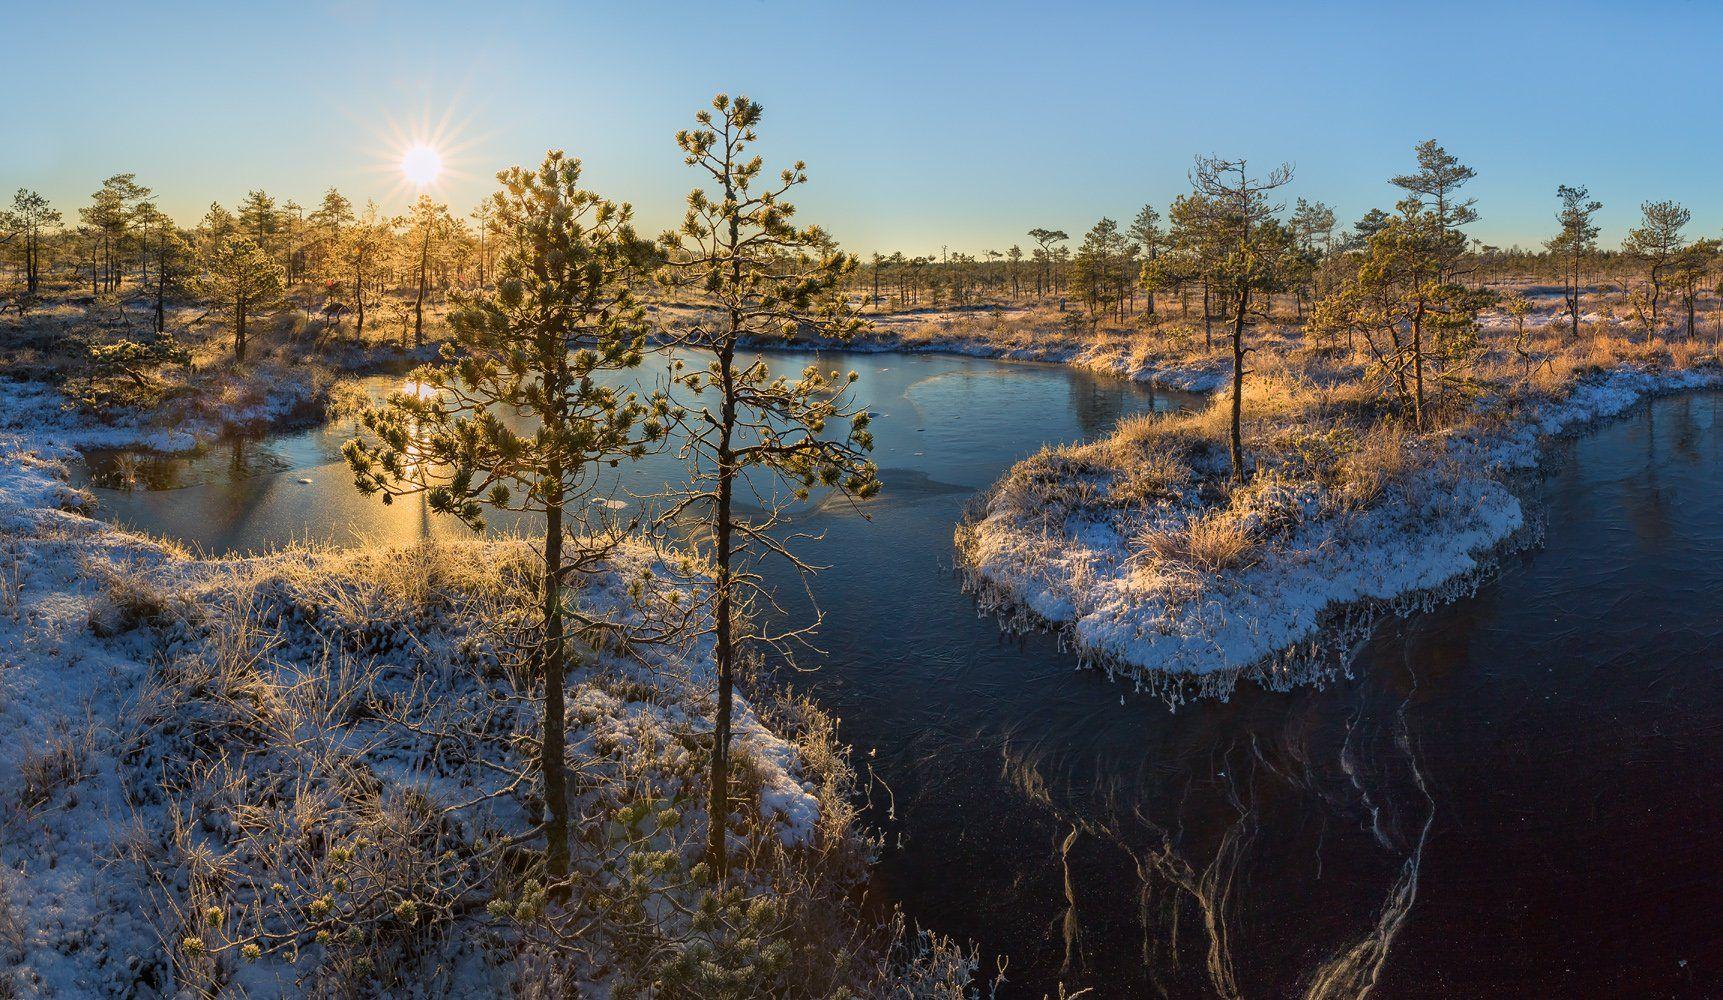 фототур, ленинградская область, деревья, сосна, болото, рассвет, иней, мороз, озеро, снег, заморозки, солнце, остров., Лашков Фёдор